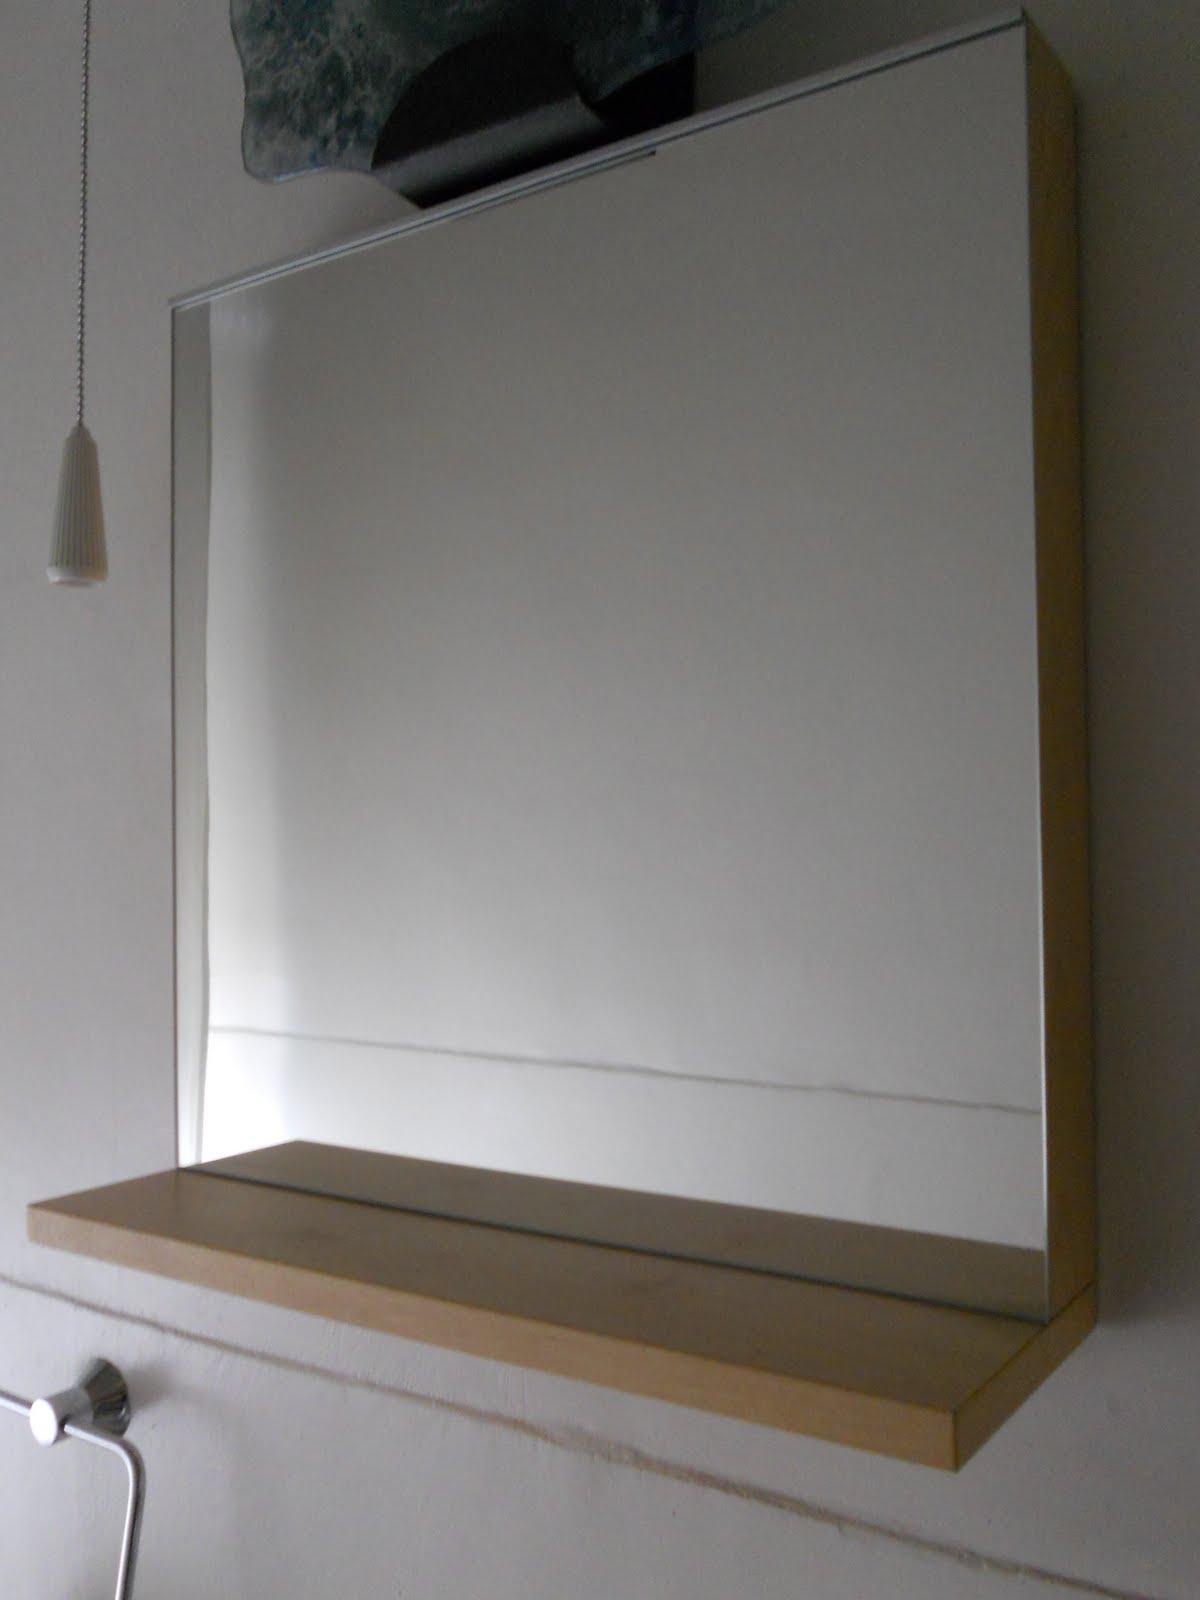 Qui trasloco ritirato specchio con mensola - Specchio con mensola ...